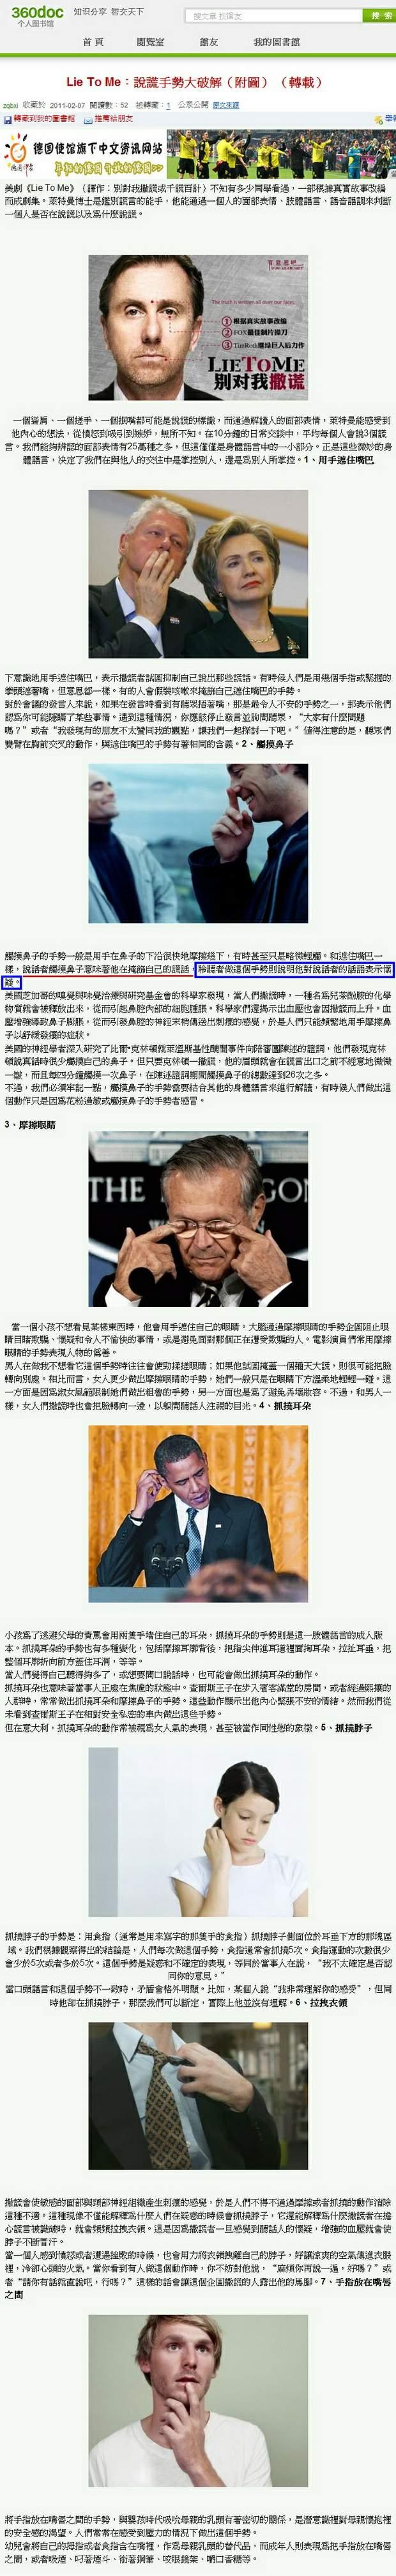 說謊手勢大破解-2011.02.07-01.jpg